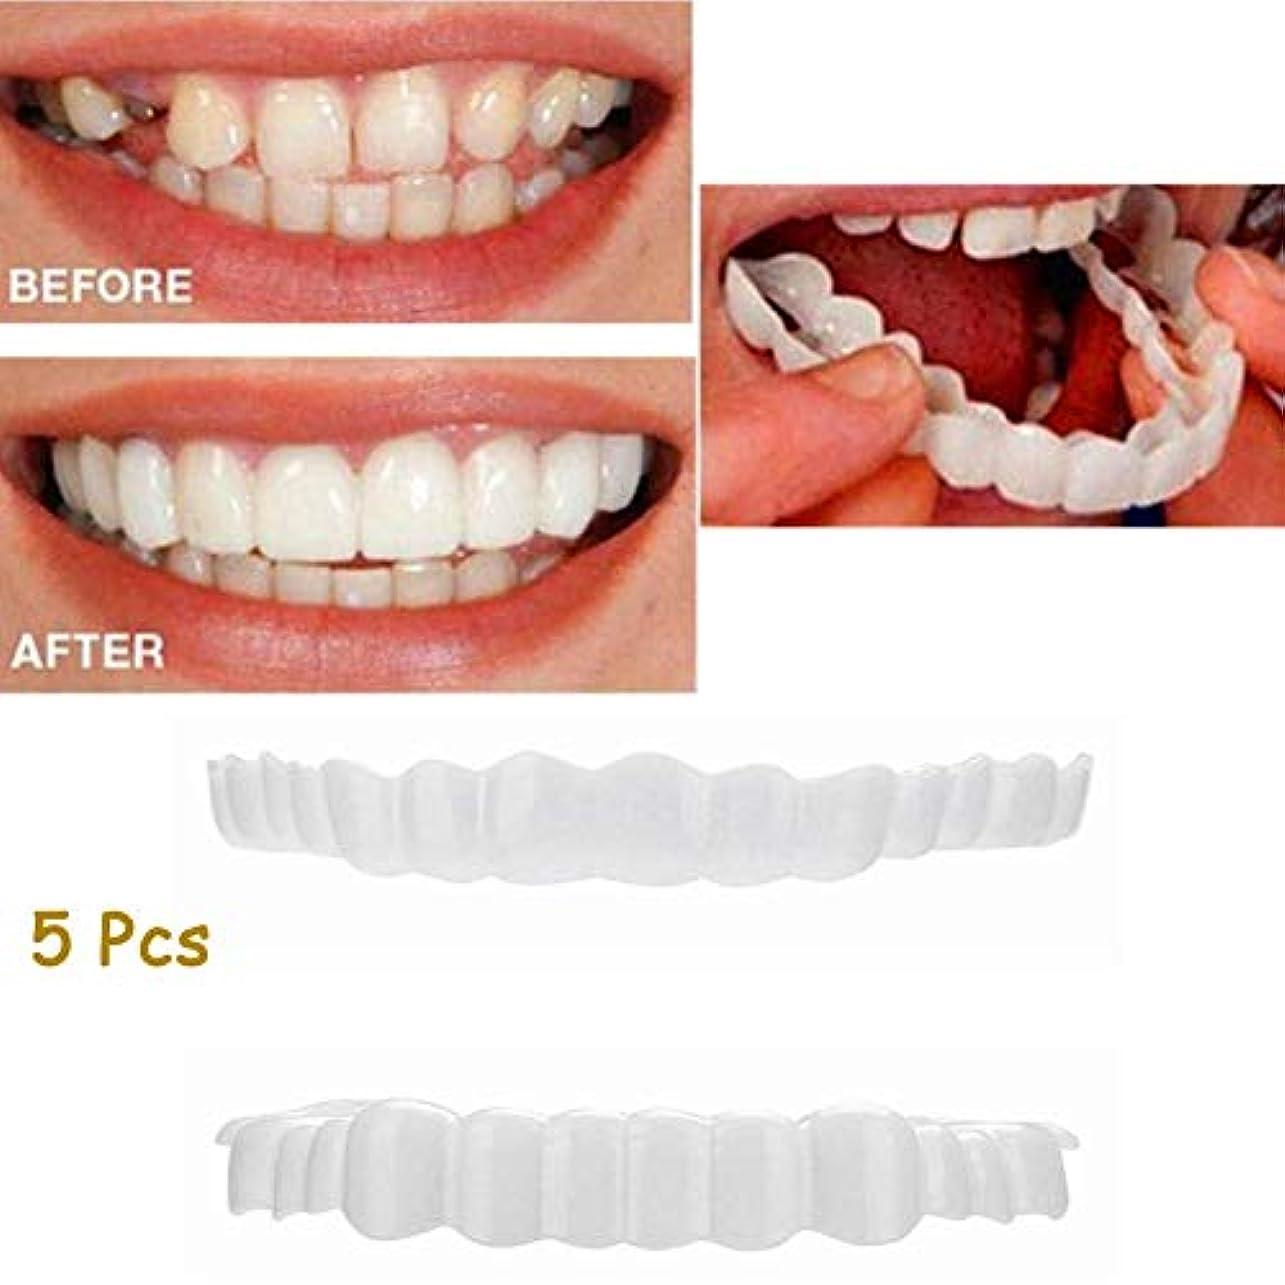 座標軽減する人5ピース上歯+下歯セットインスタントパーフェクトコンフォートフィットフレックス化粧品歯入れ歯歯ホワイトニングスマイルフェイク歯